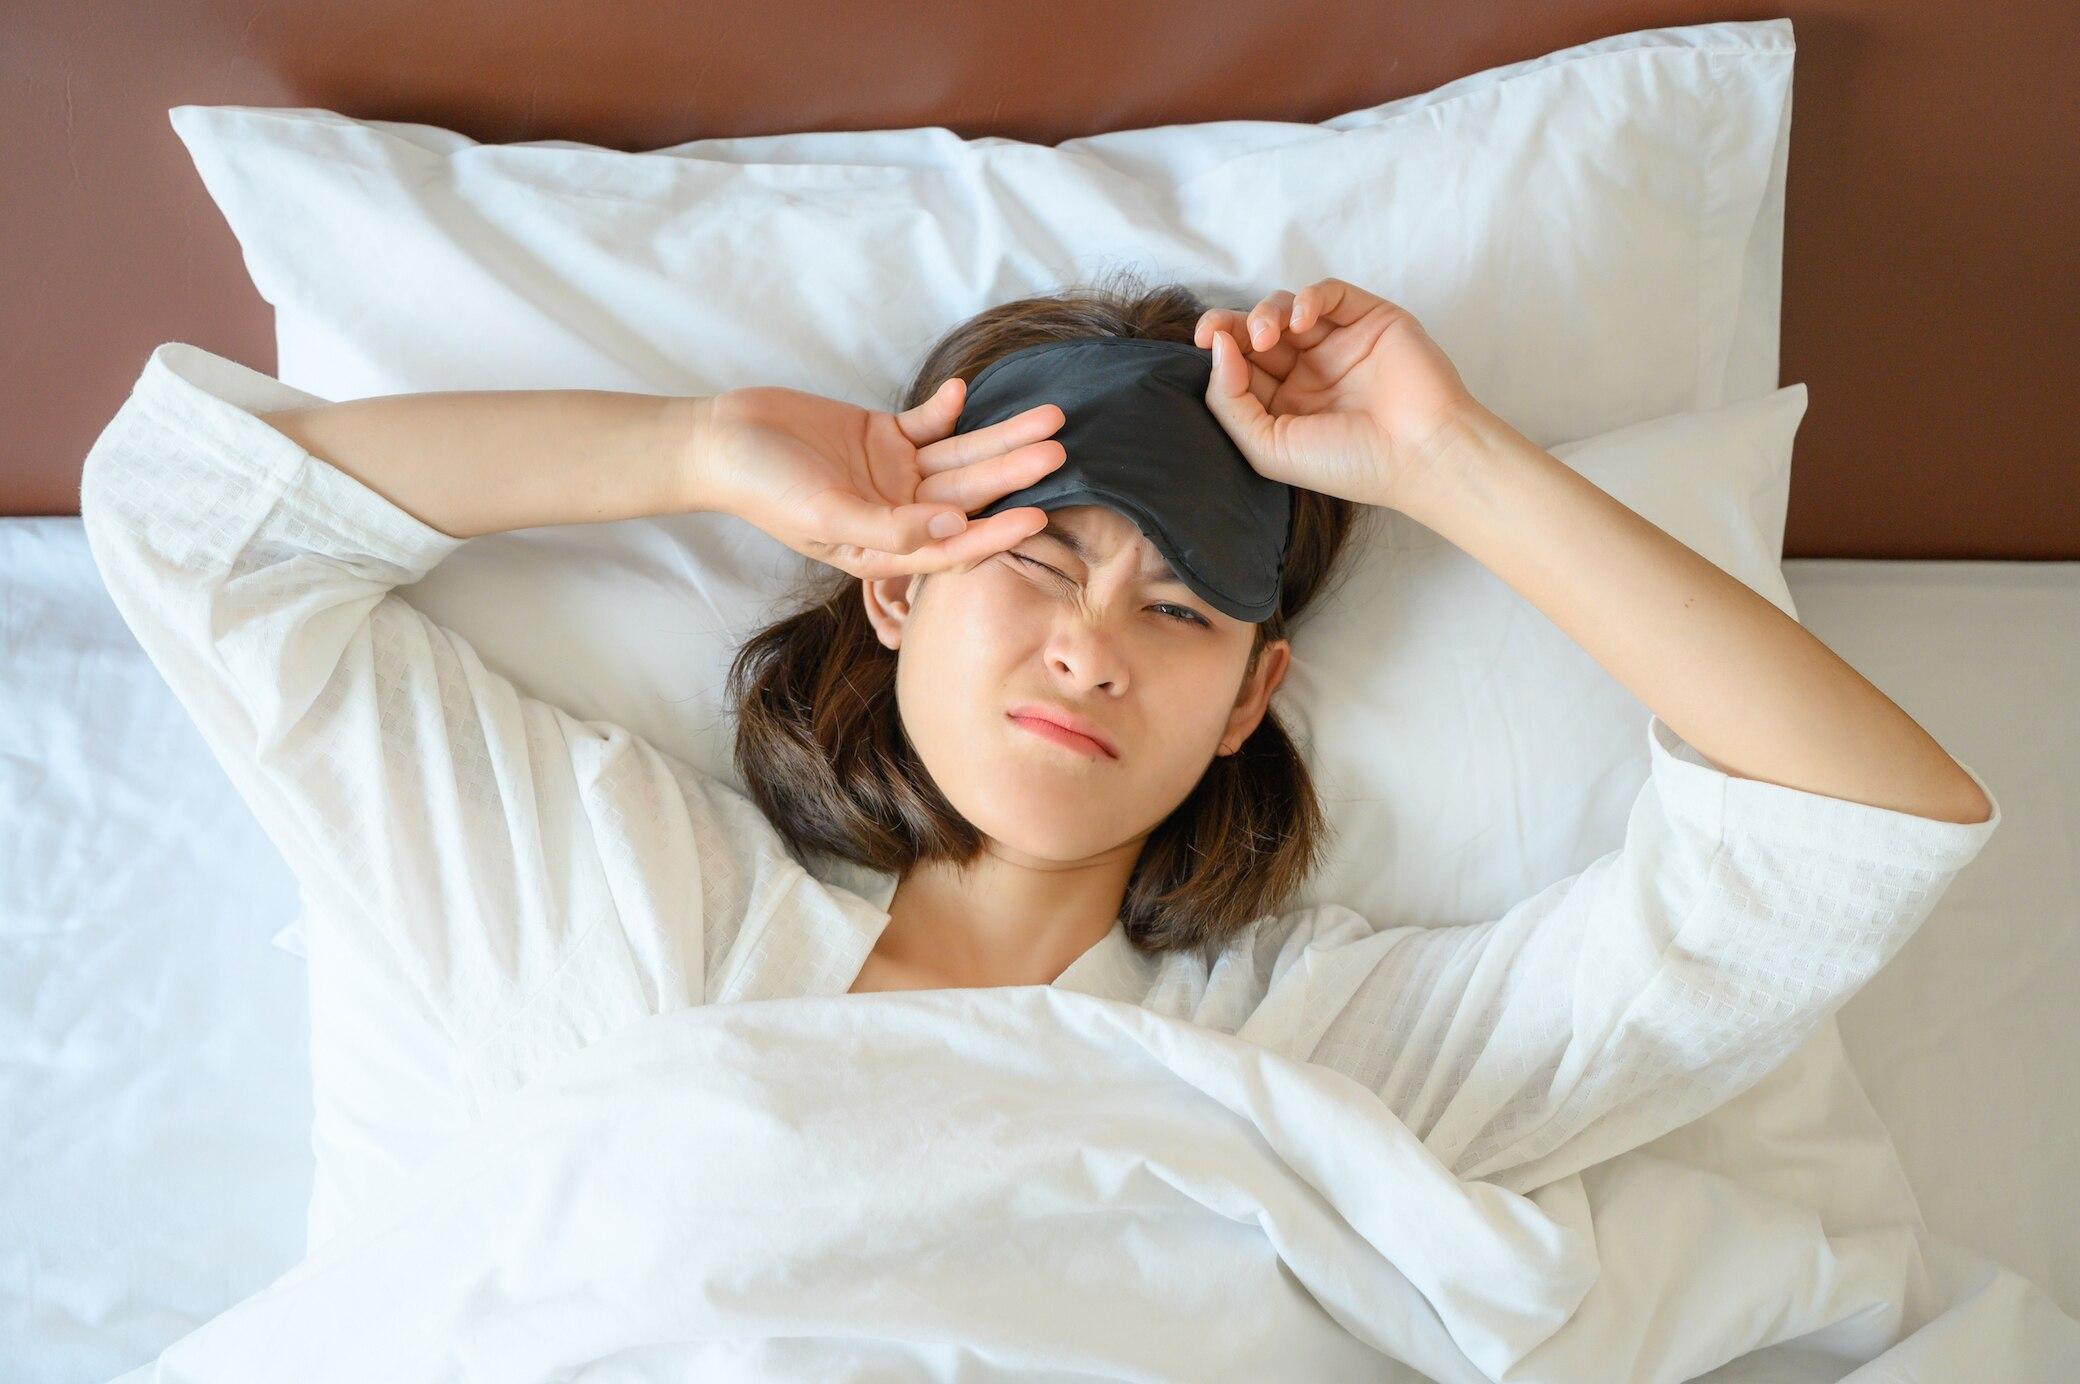 Schlaftyp ändern: Kann man von der Eule zur Lerche werden? - FITBOOK